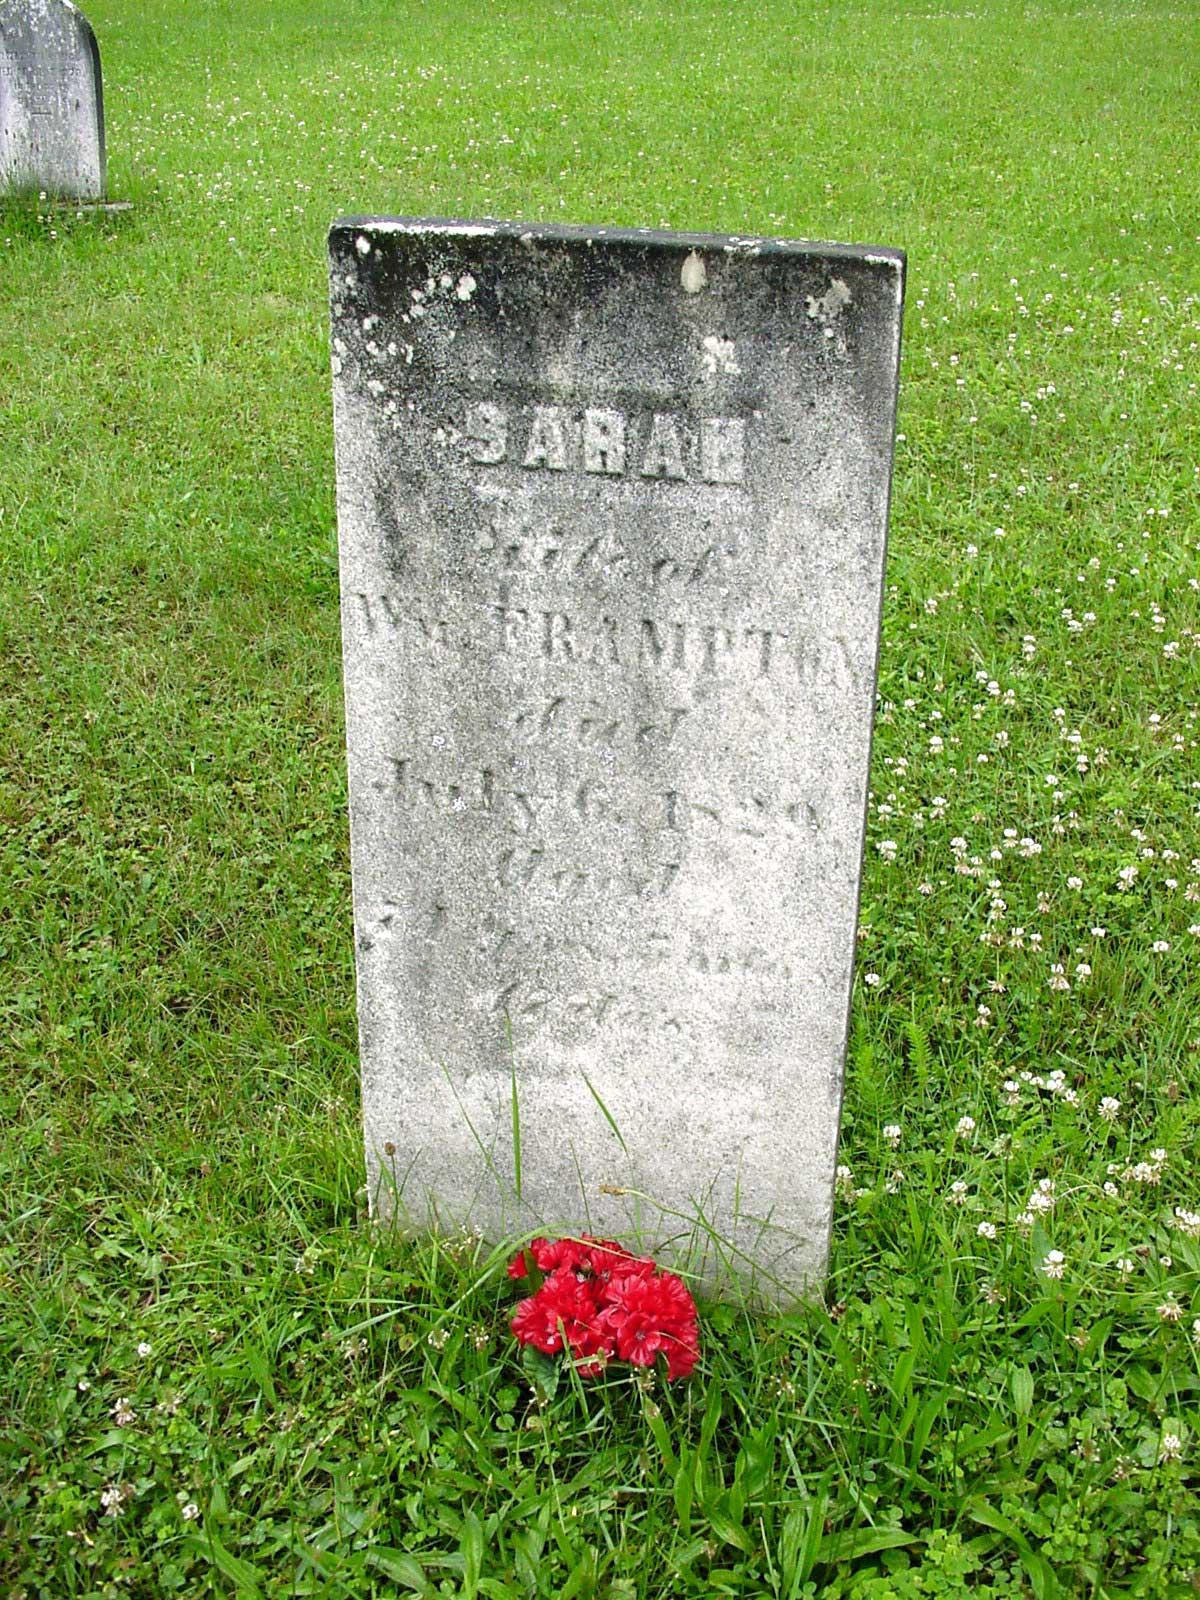 Tombstone of Sarah Staley Frampton, Strattanville, taken by Lynn van Rooijen